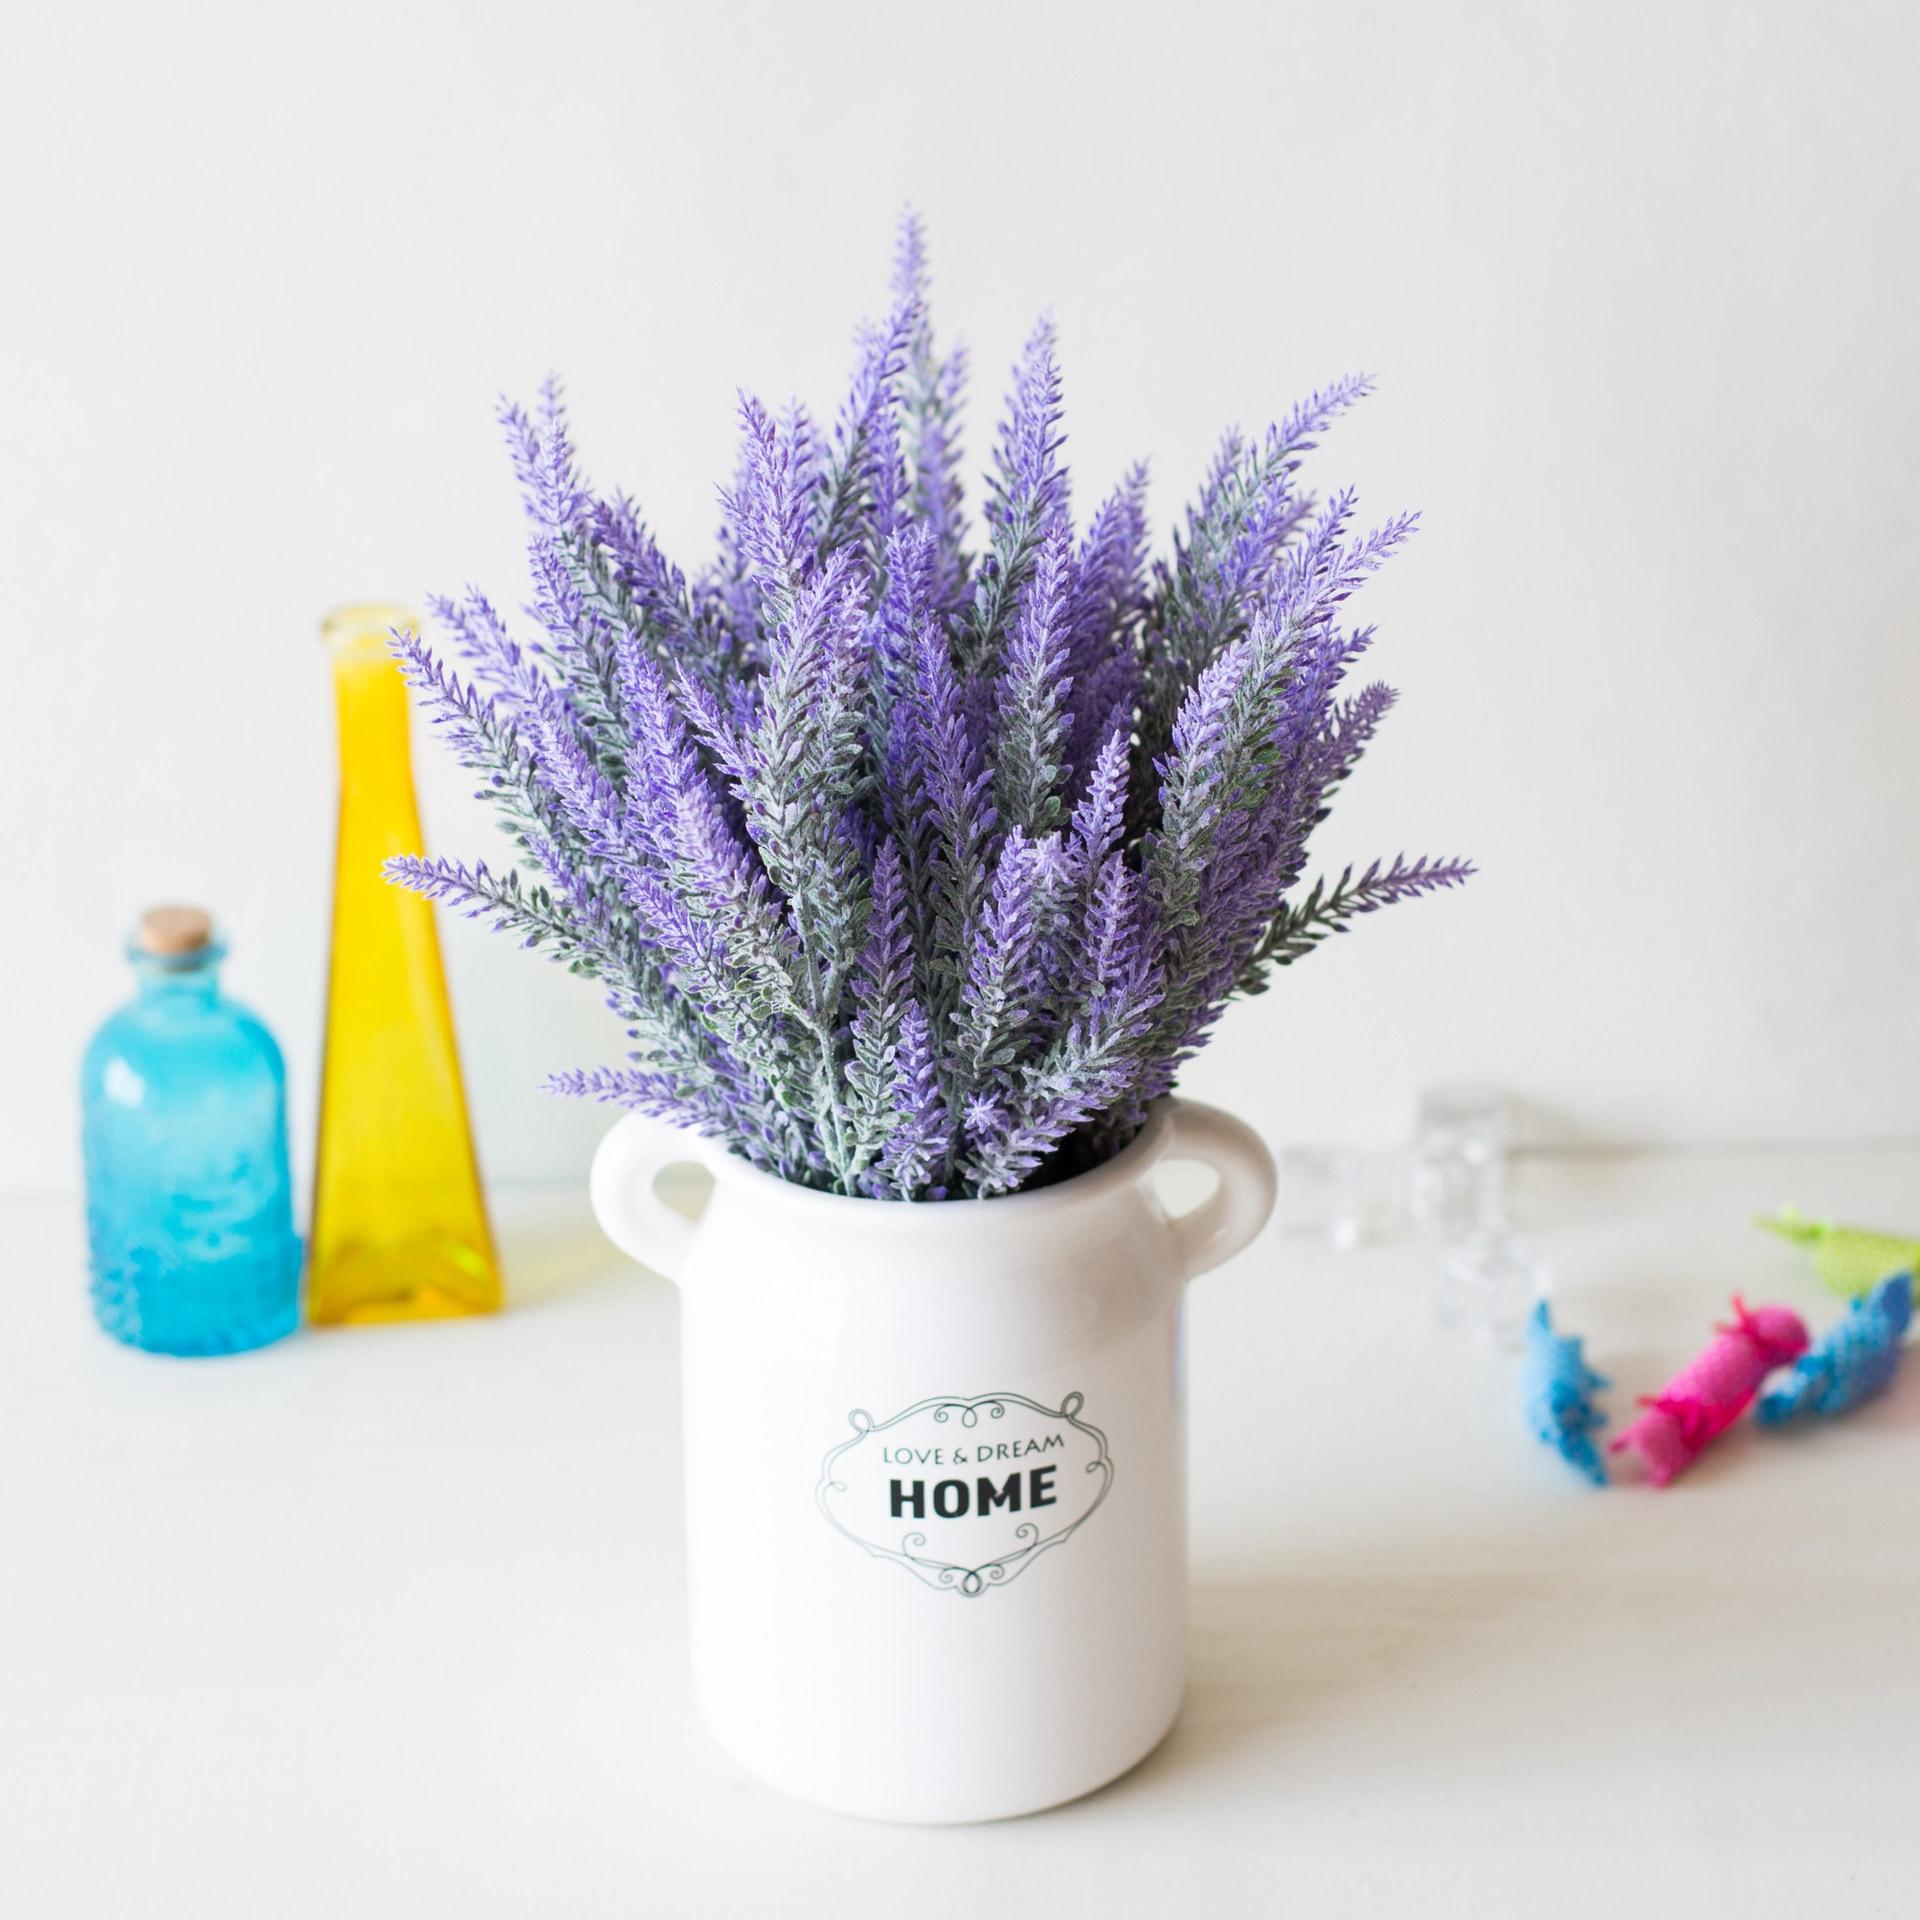 1 пачка романтика, Прованс avender Свадебная декоративная ваза для цветов для дома искуственные цветы для декора Зерна Декоративные искусственные растения|Искусственные растения|   | АлиЭкспресс - Декор